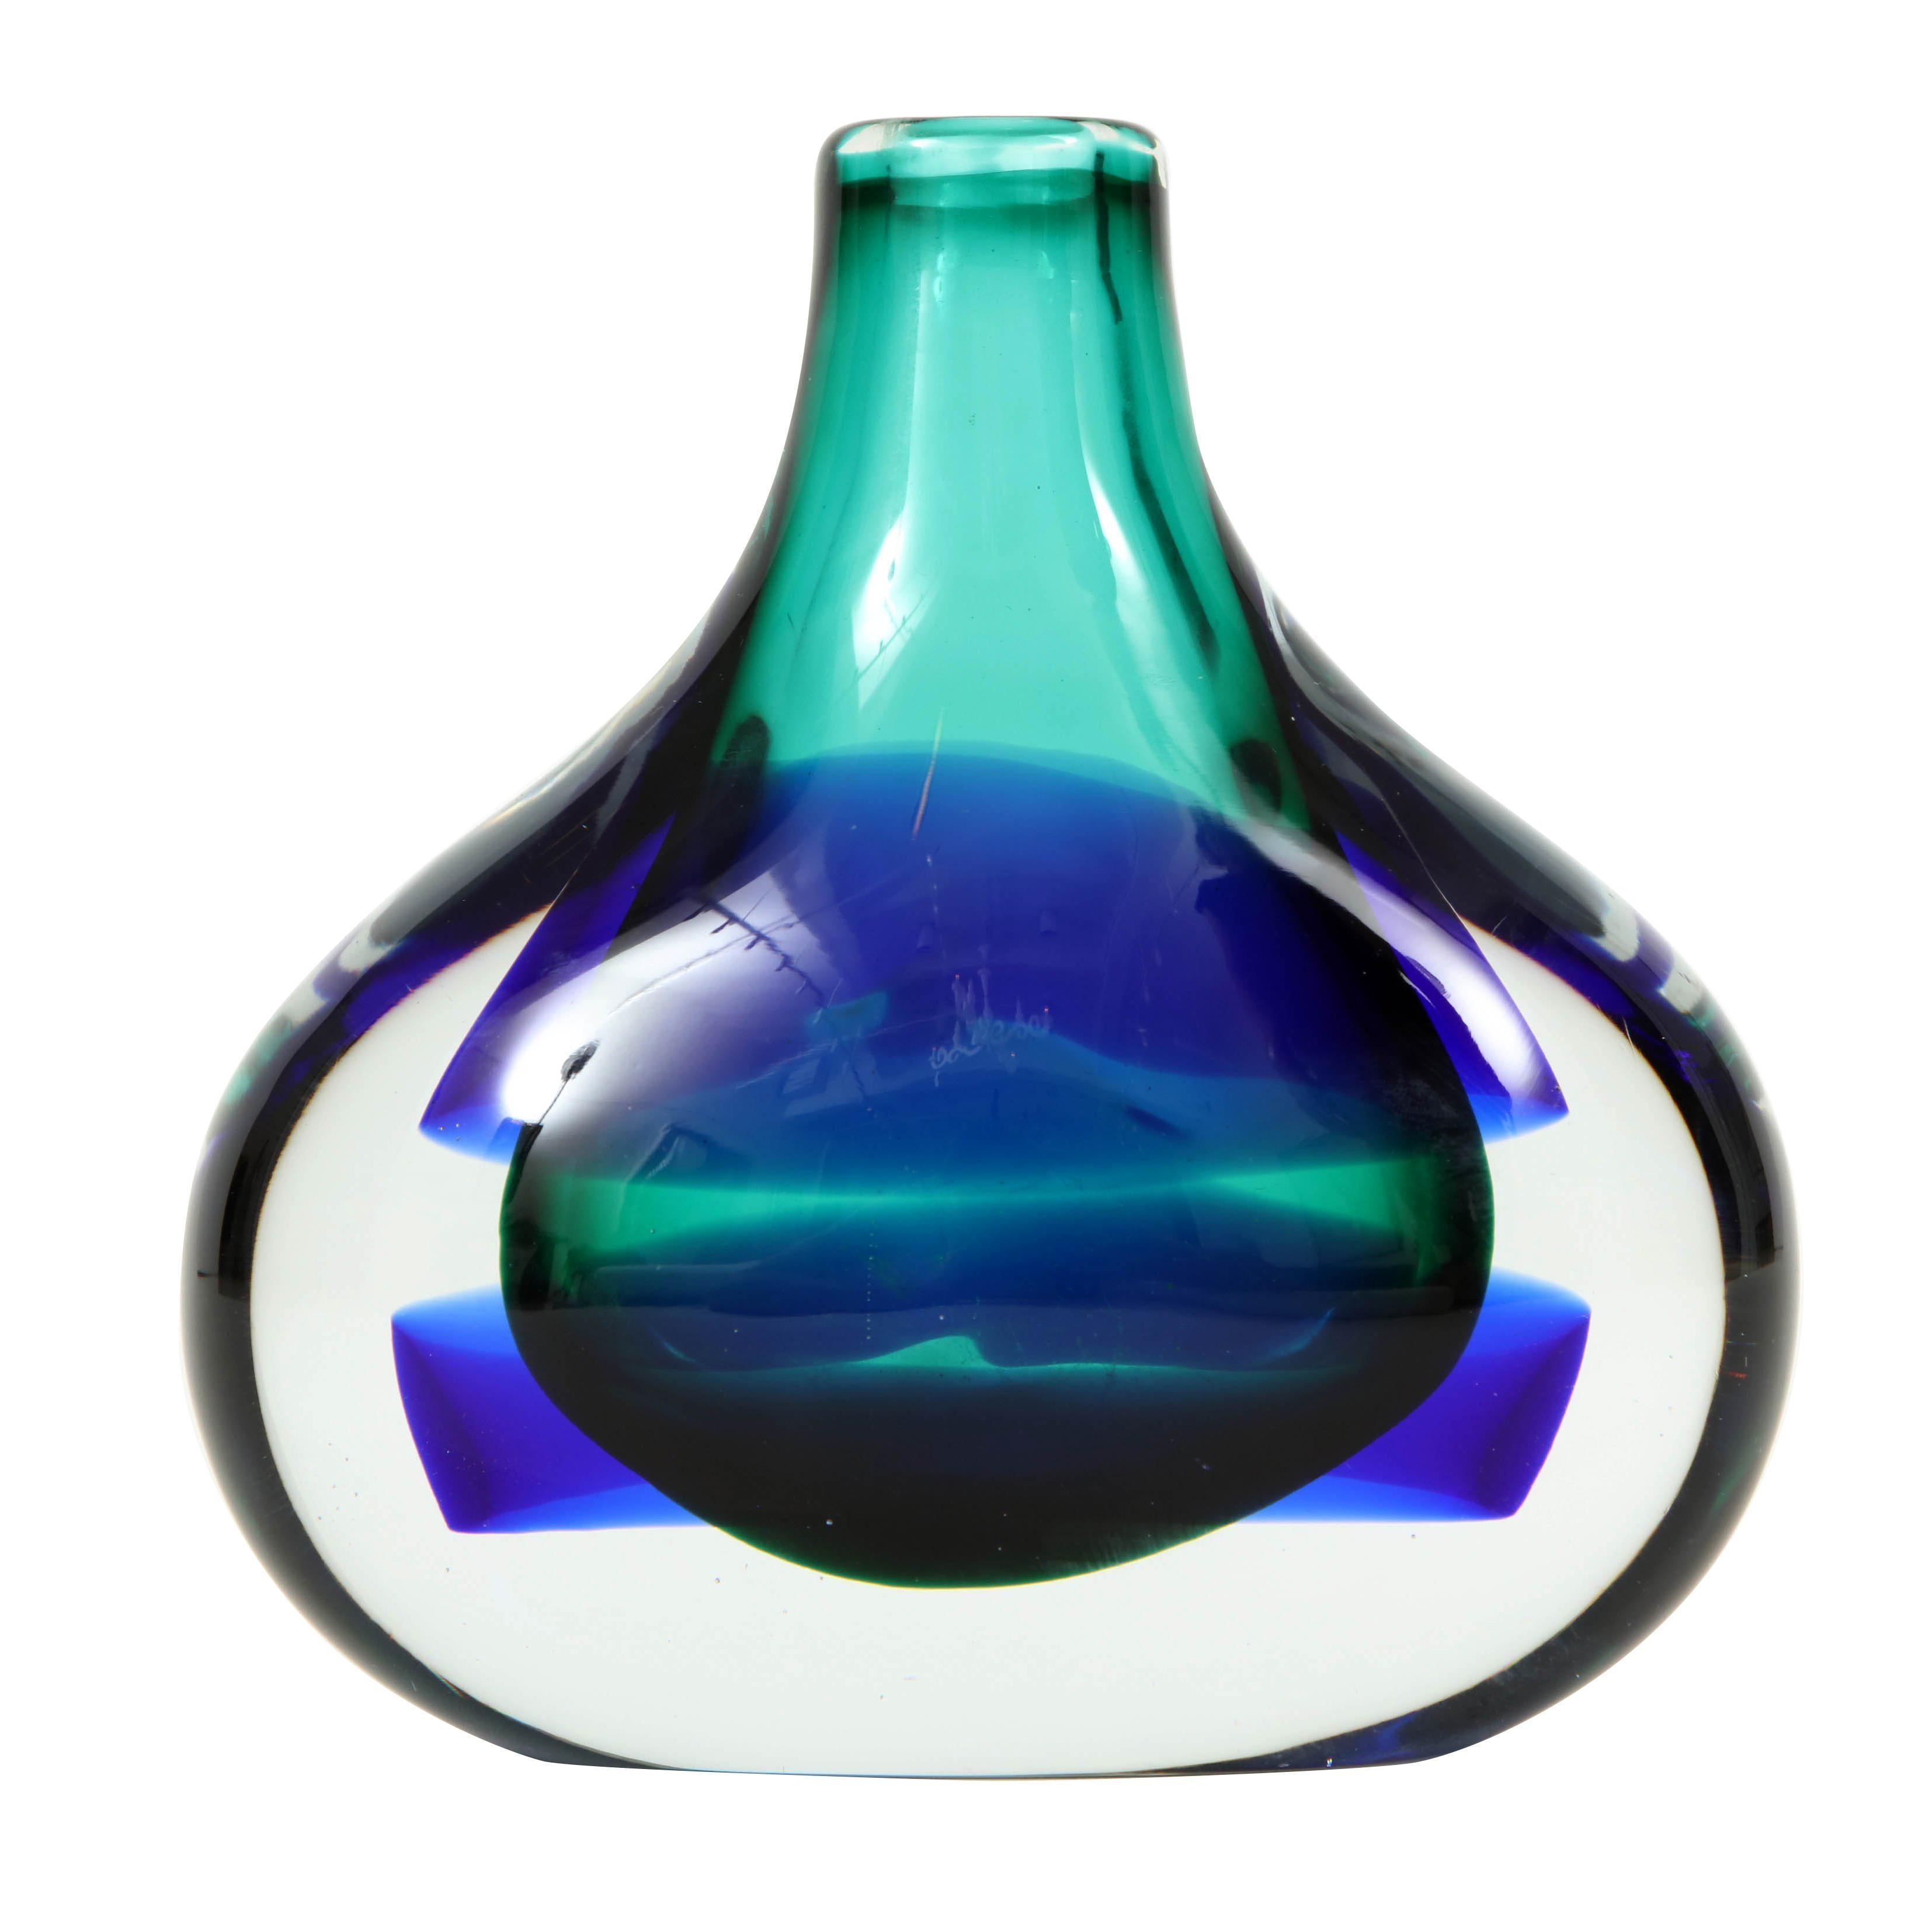 Murano Glass Vase by Luciano Gaspari